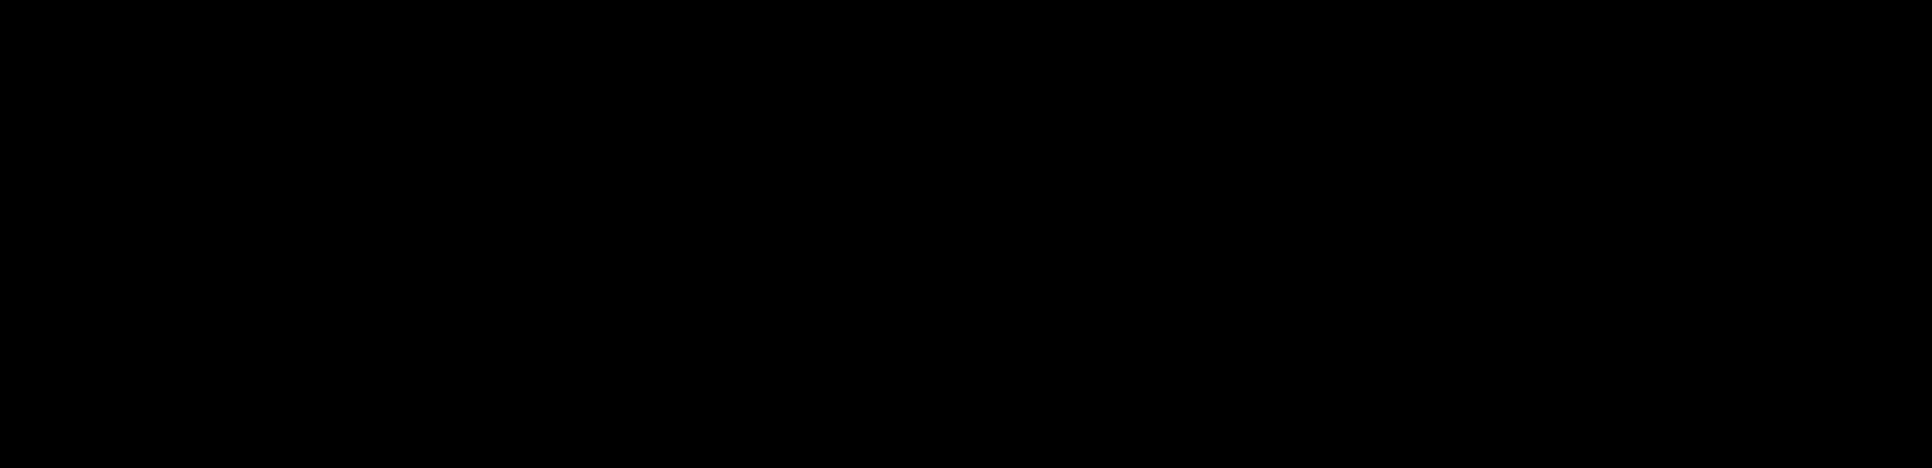 logo_nomadic-wax_black.png